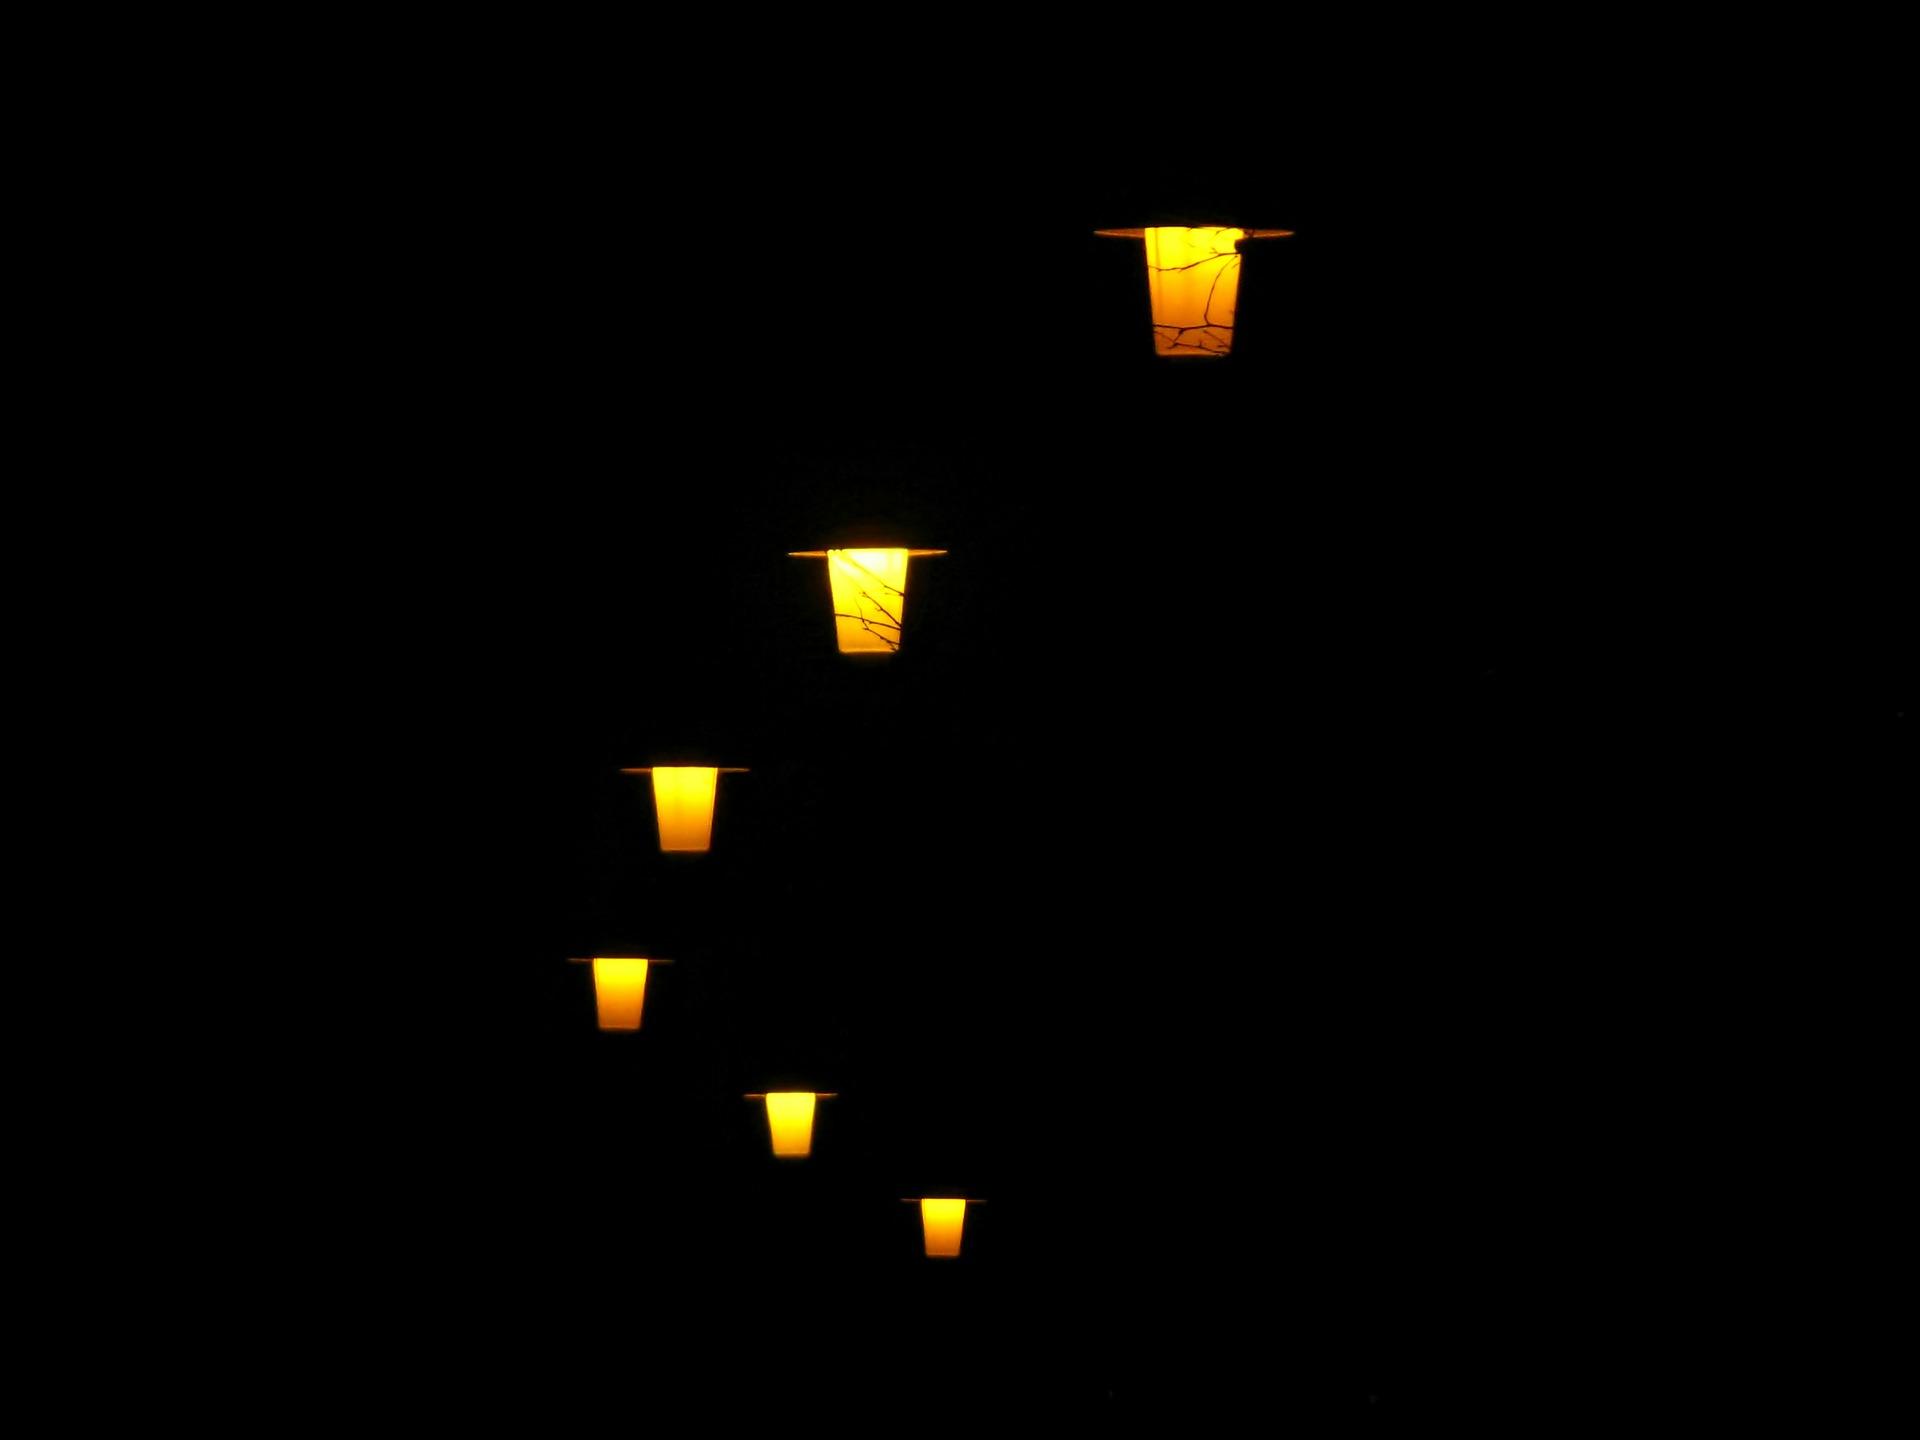 Lampy są, ale nie świecą. Mieszkańcom to się nie podoba - Zdjęcie główne